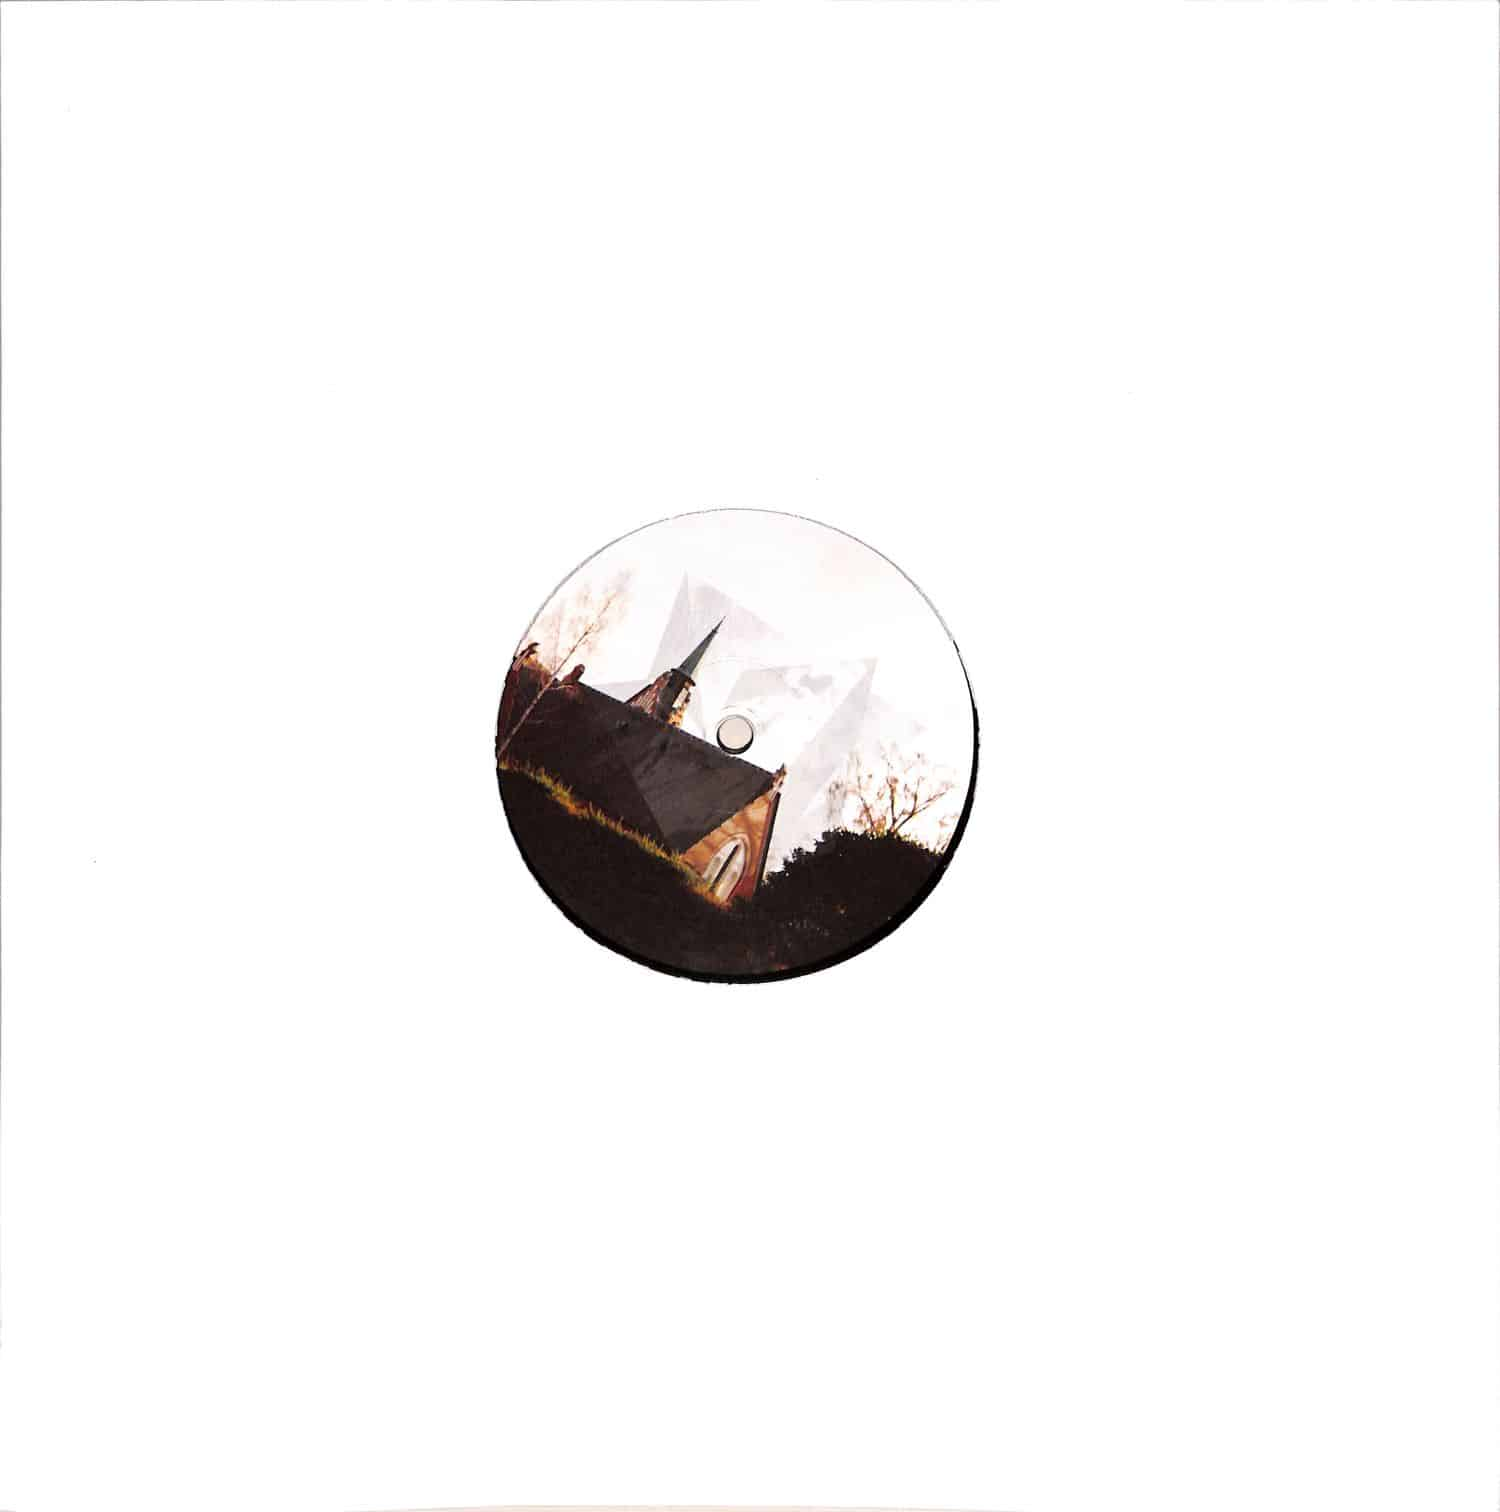 Evigt Moerker - EP 5